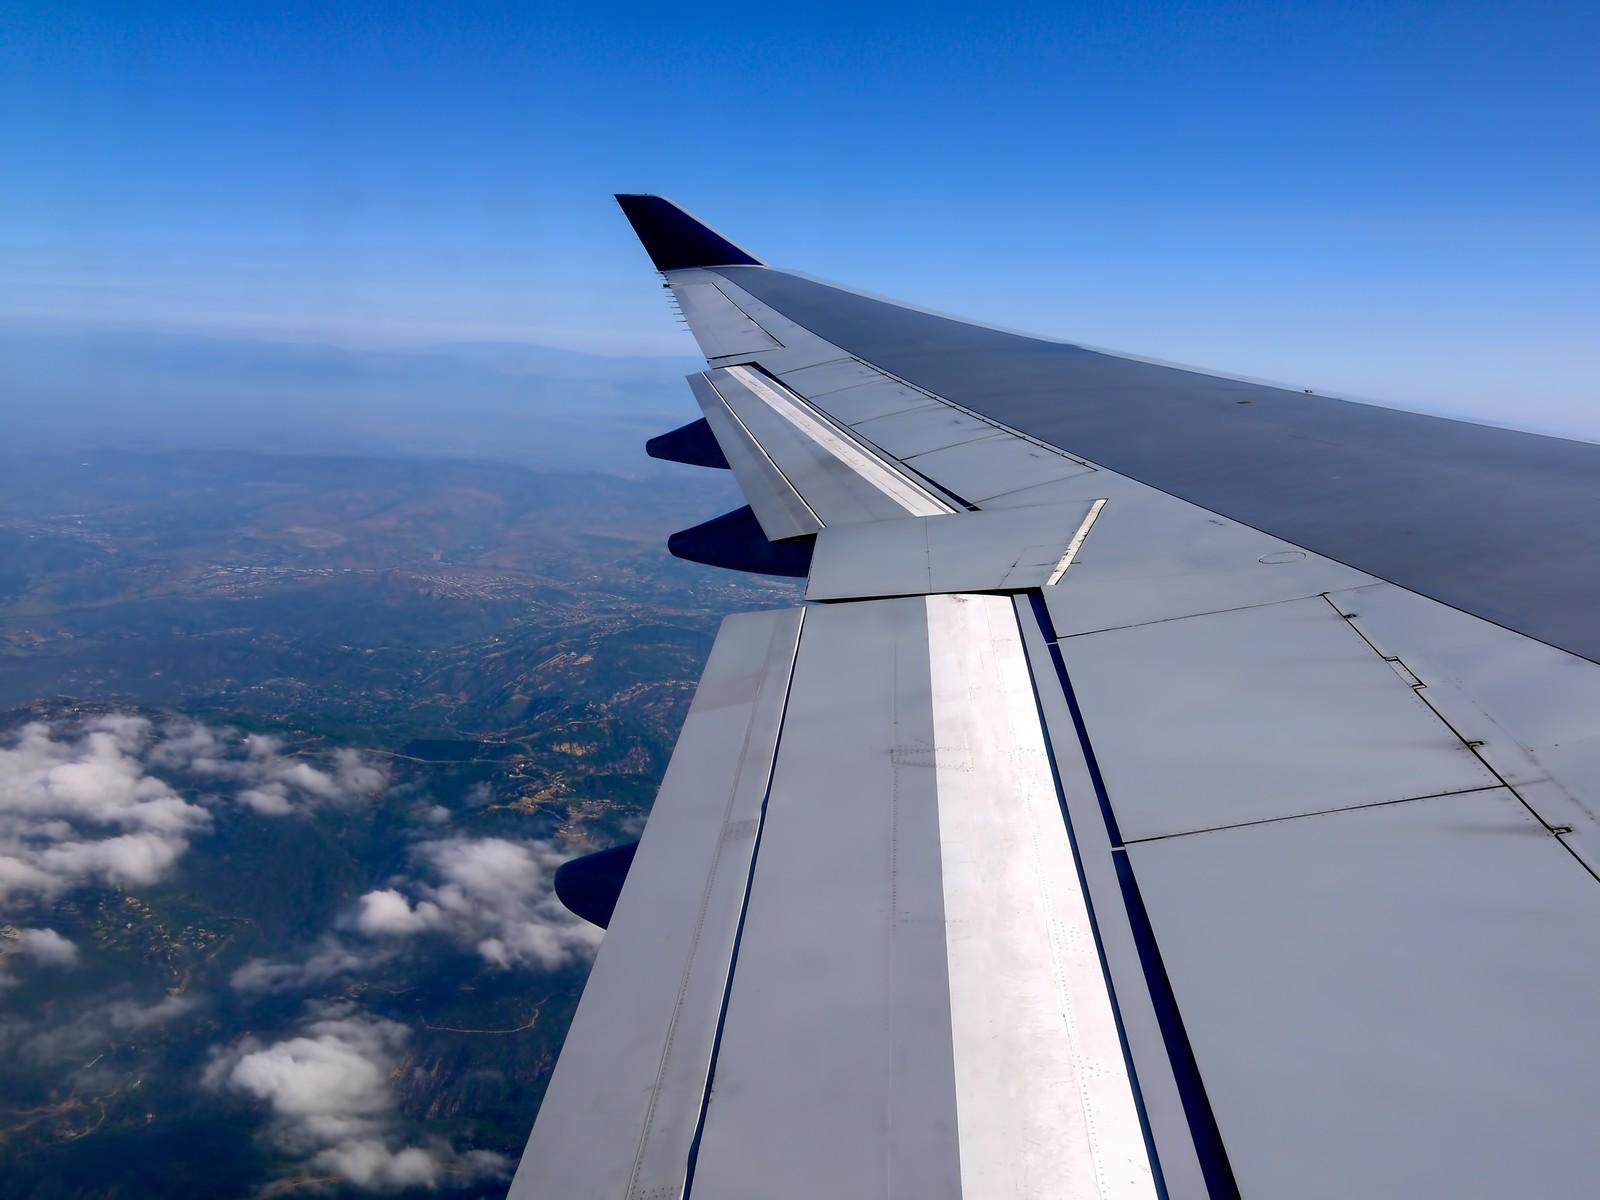 時差ボケ予防で快適な旅を!旅行前やフライト中の過ごし方や症状・解消法も紹介!